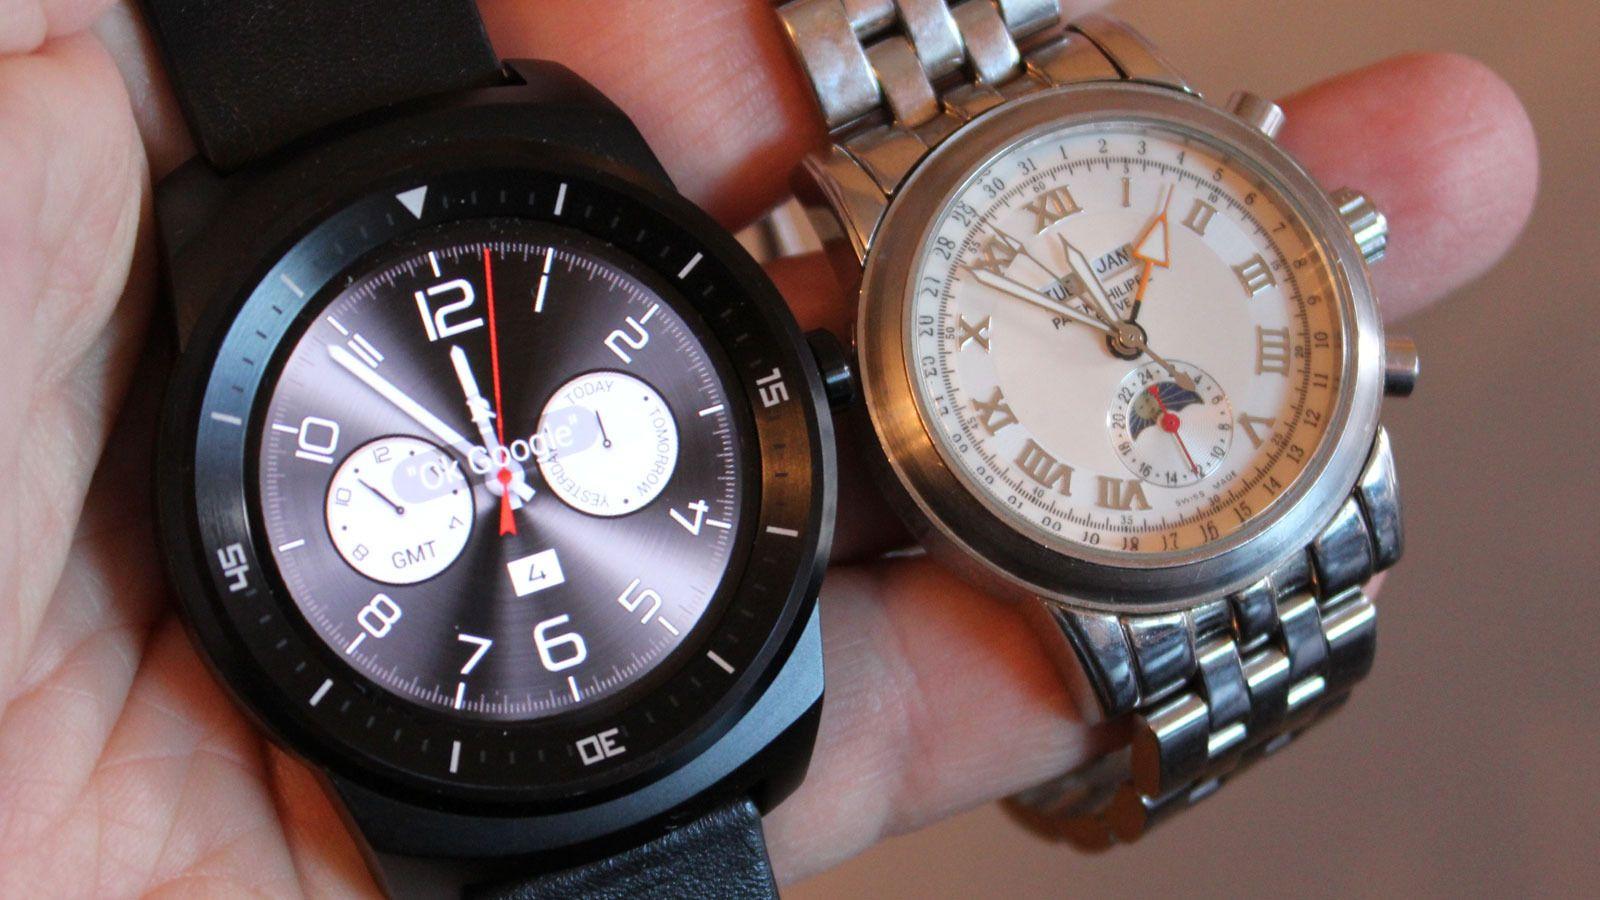 LGs G Watch R likner til forveksling på en vanlig klokke. Men videre smekker er den ikke. (Foto: Espen Irwing Swang, Tek.no)